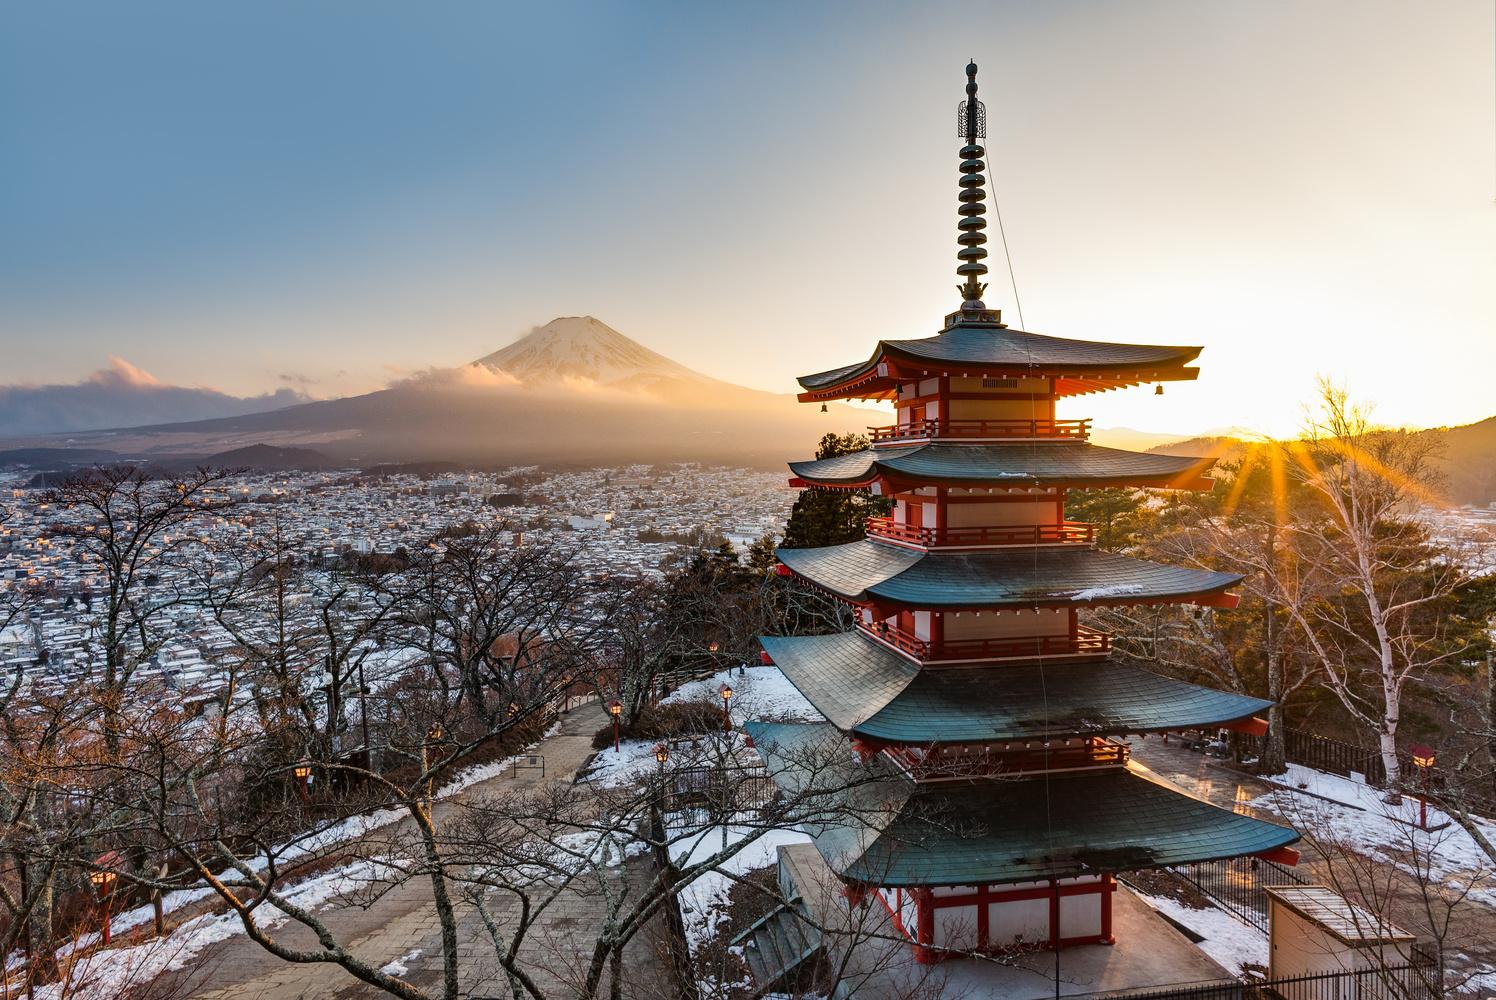 Fuji-san by Edgar Moskopp